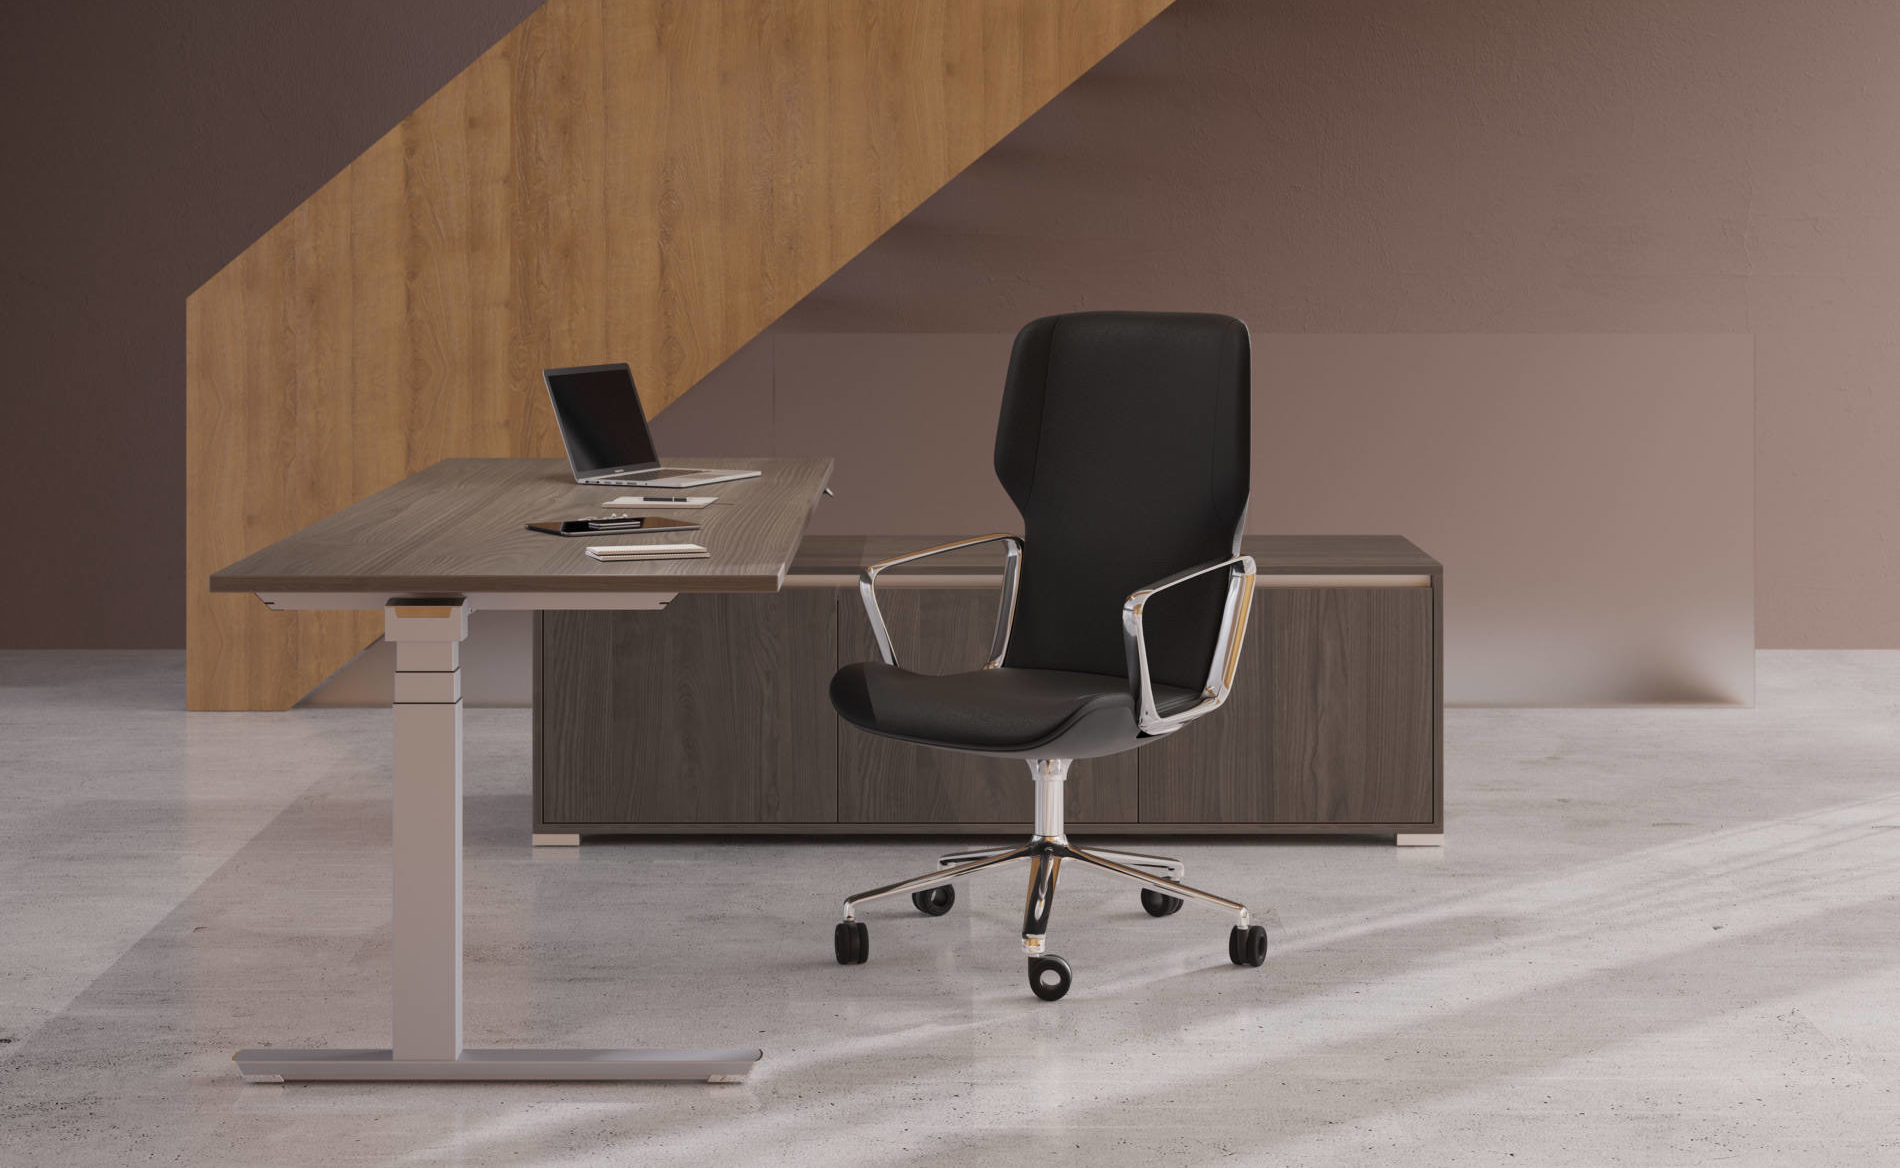 Chefbüro mit Sitz-Steh-Tisch CREW, eingetaucht in Sideboard SELECT (Palmberg)